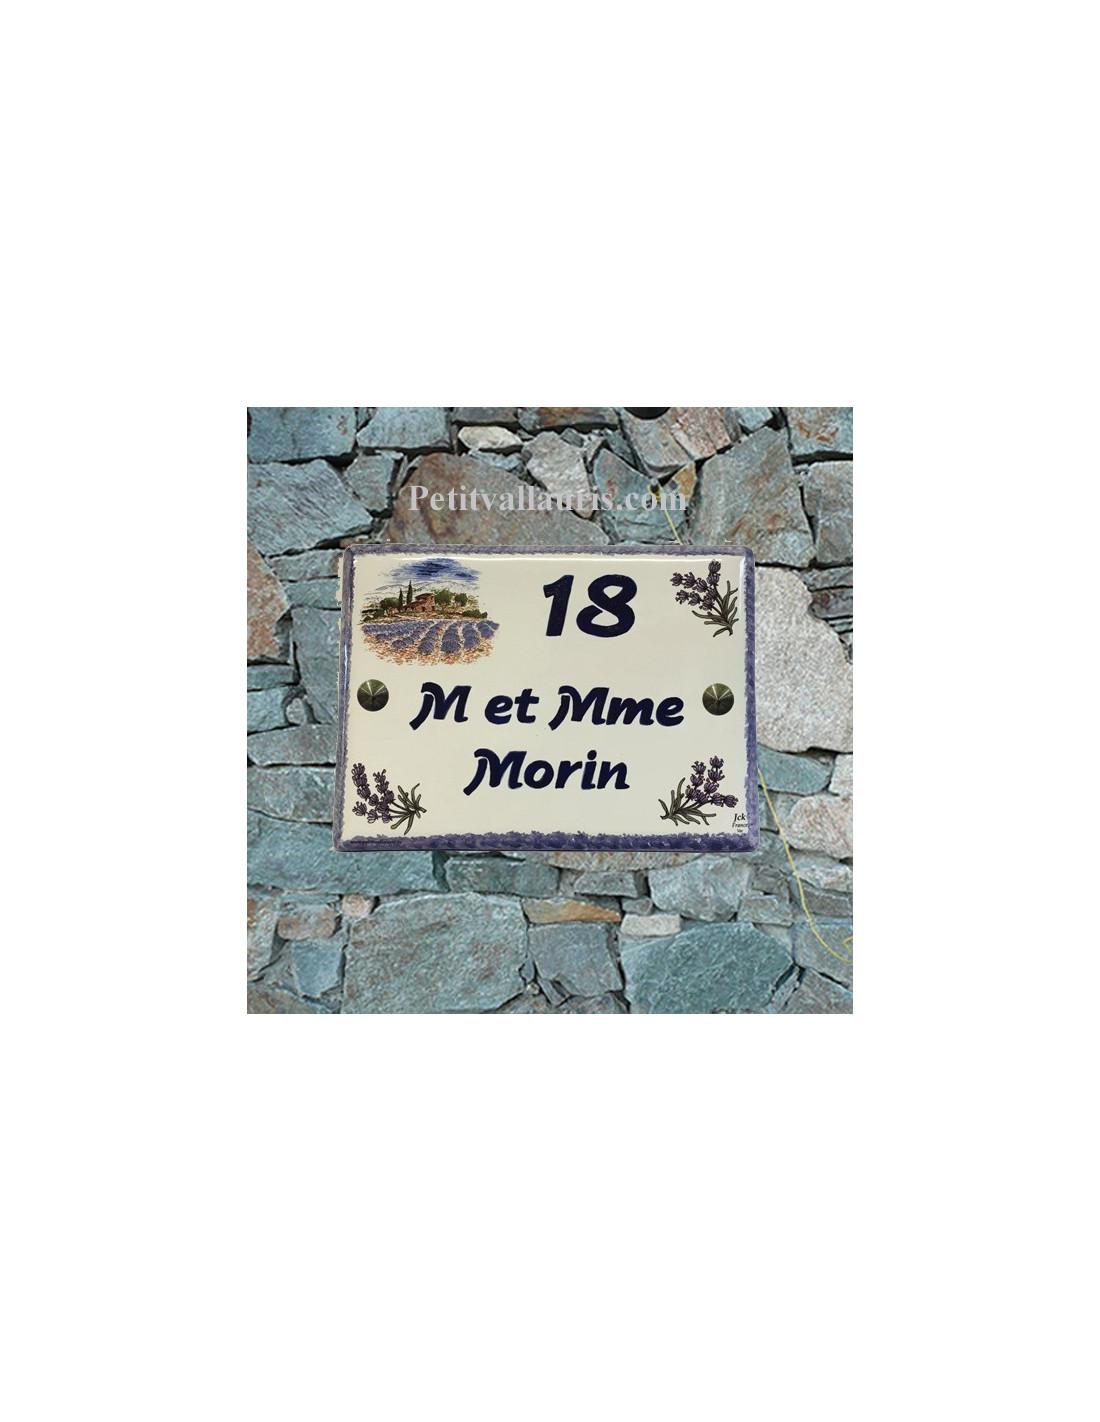 plaque signalitique pour habitation en c ramique d cor lavandes et bastide gravure nom et num ro. Black Bedroom Furniture Sets. Home Design Ideas